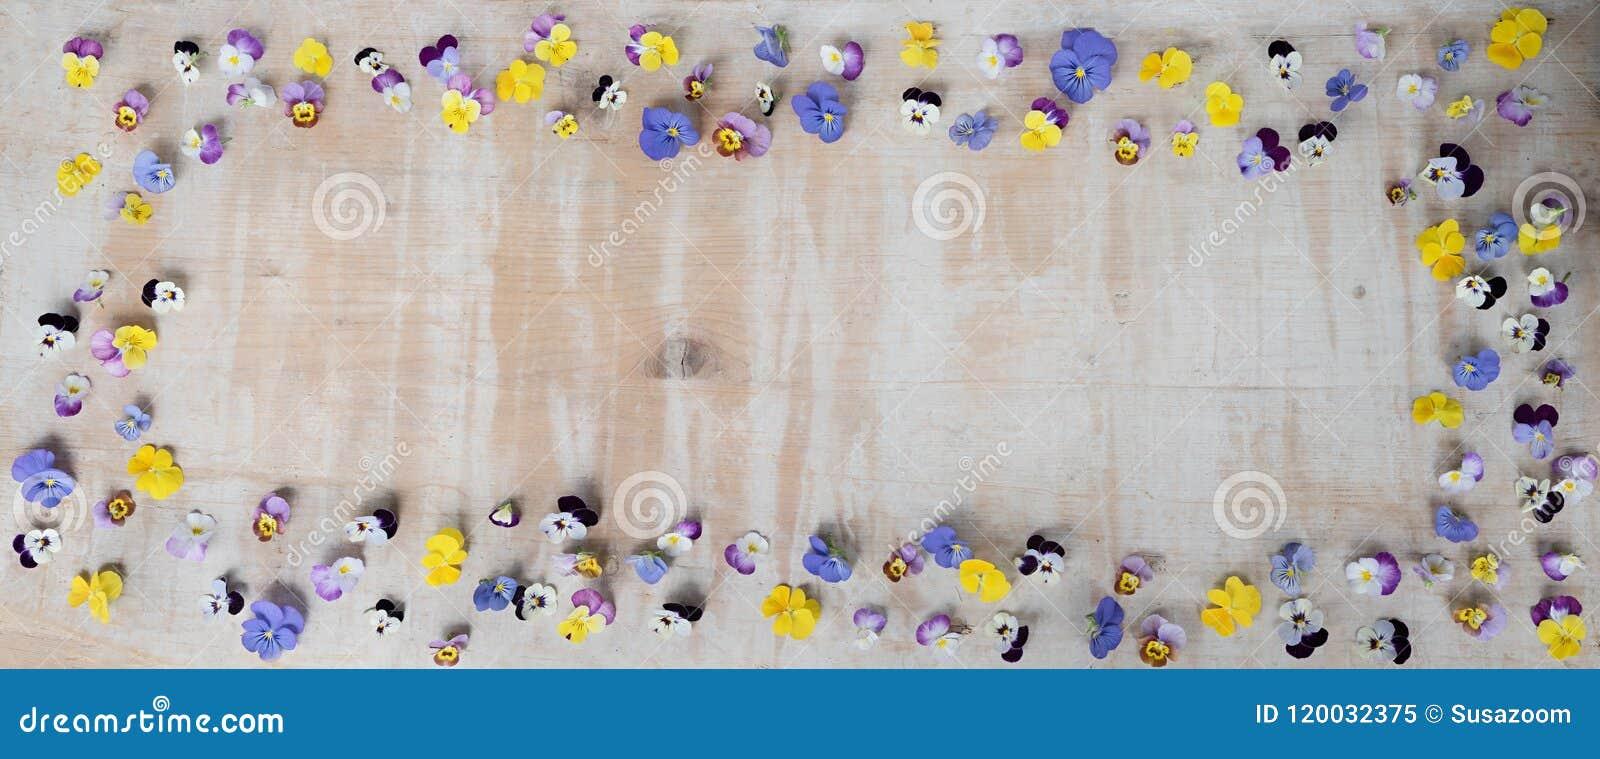 Vintage background - wooden board with floral frame